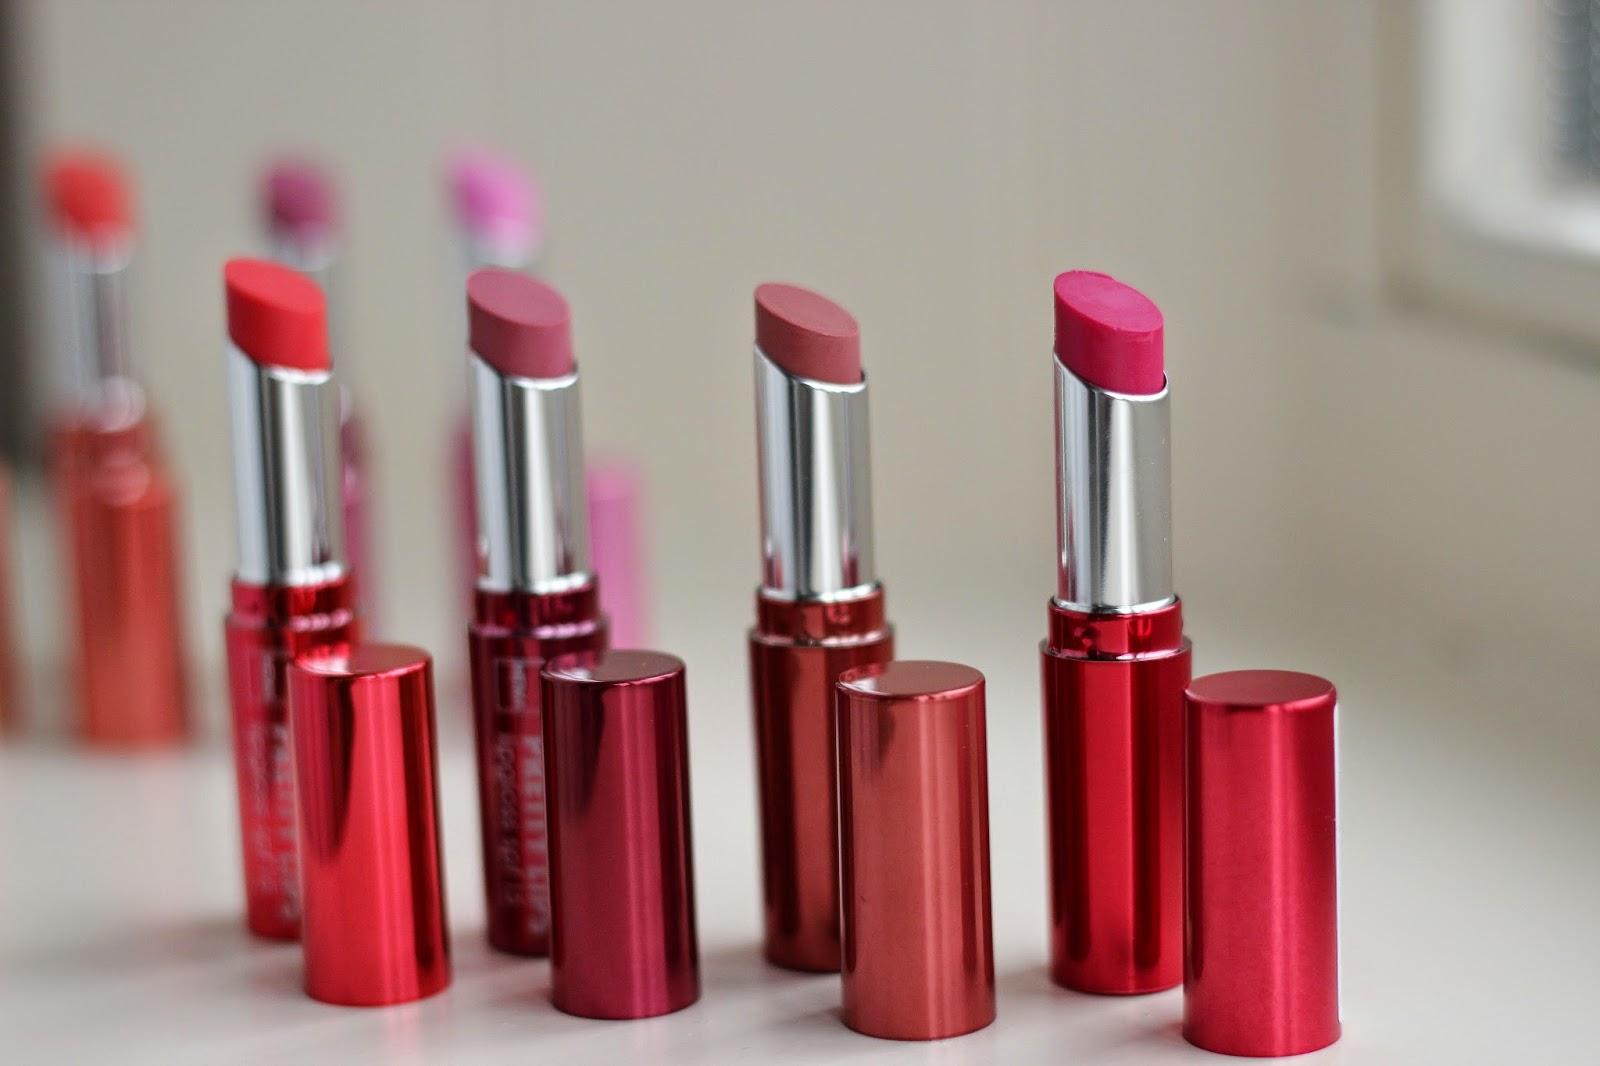 hema pretty lips lipgloss